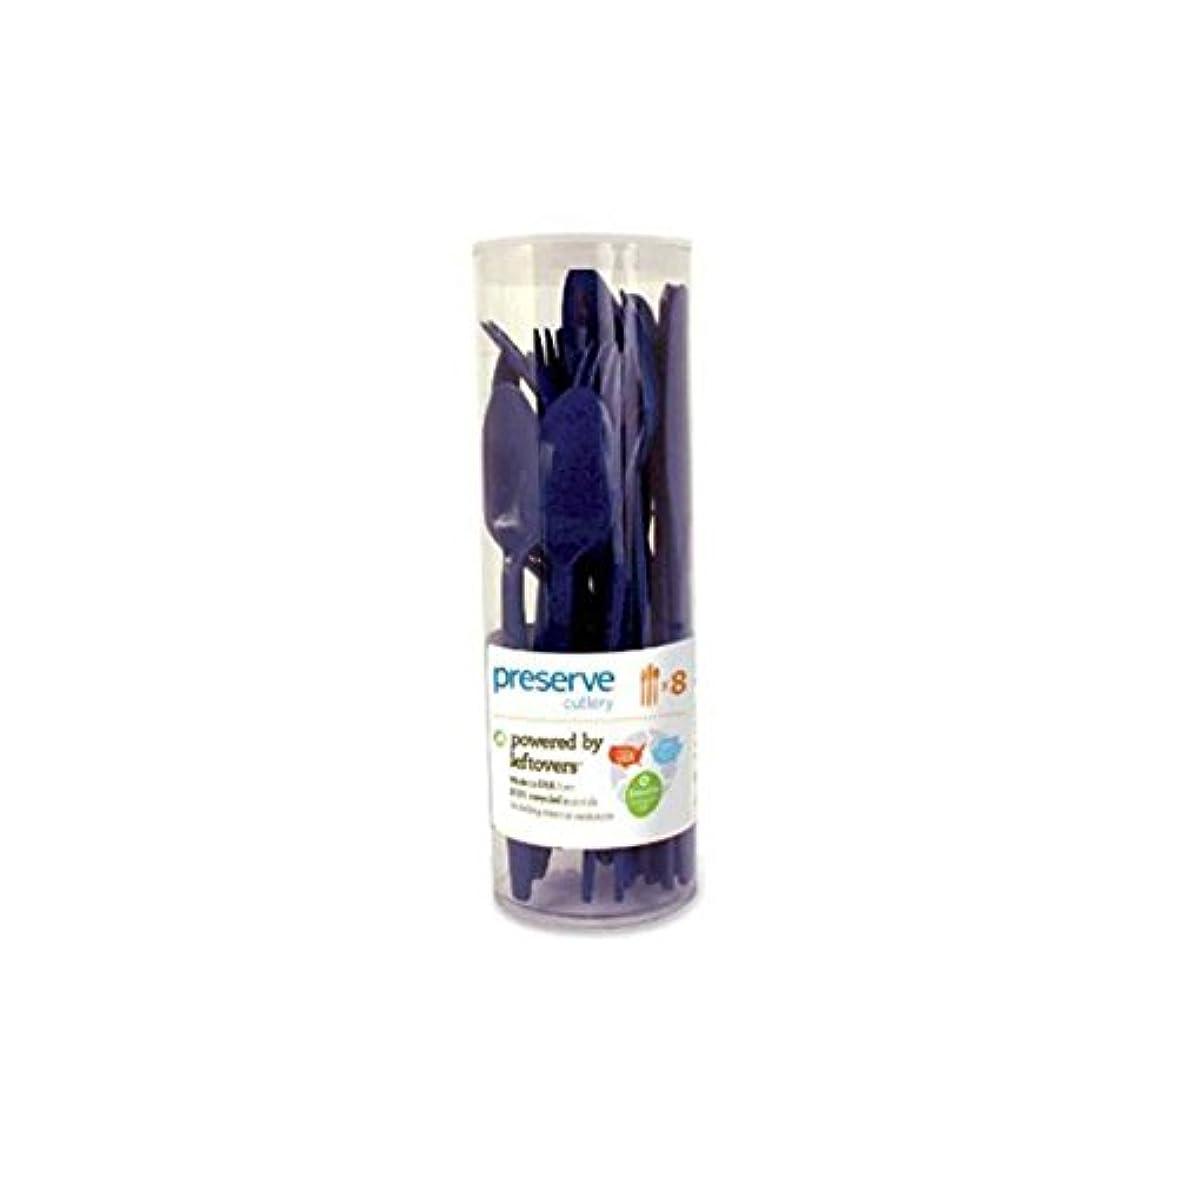 投資墓超越するPreserve Cutlery (8 Set) - Midnight Blue 24 Pack(S) by Preserve